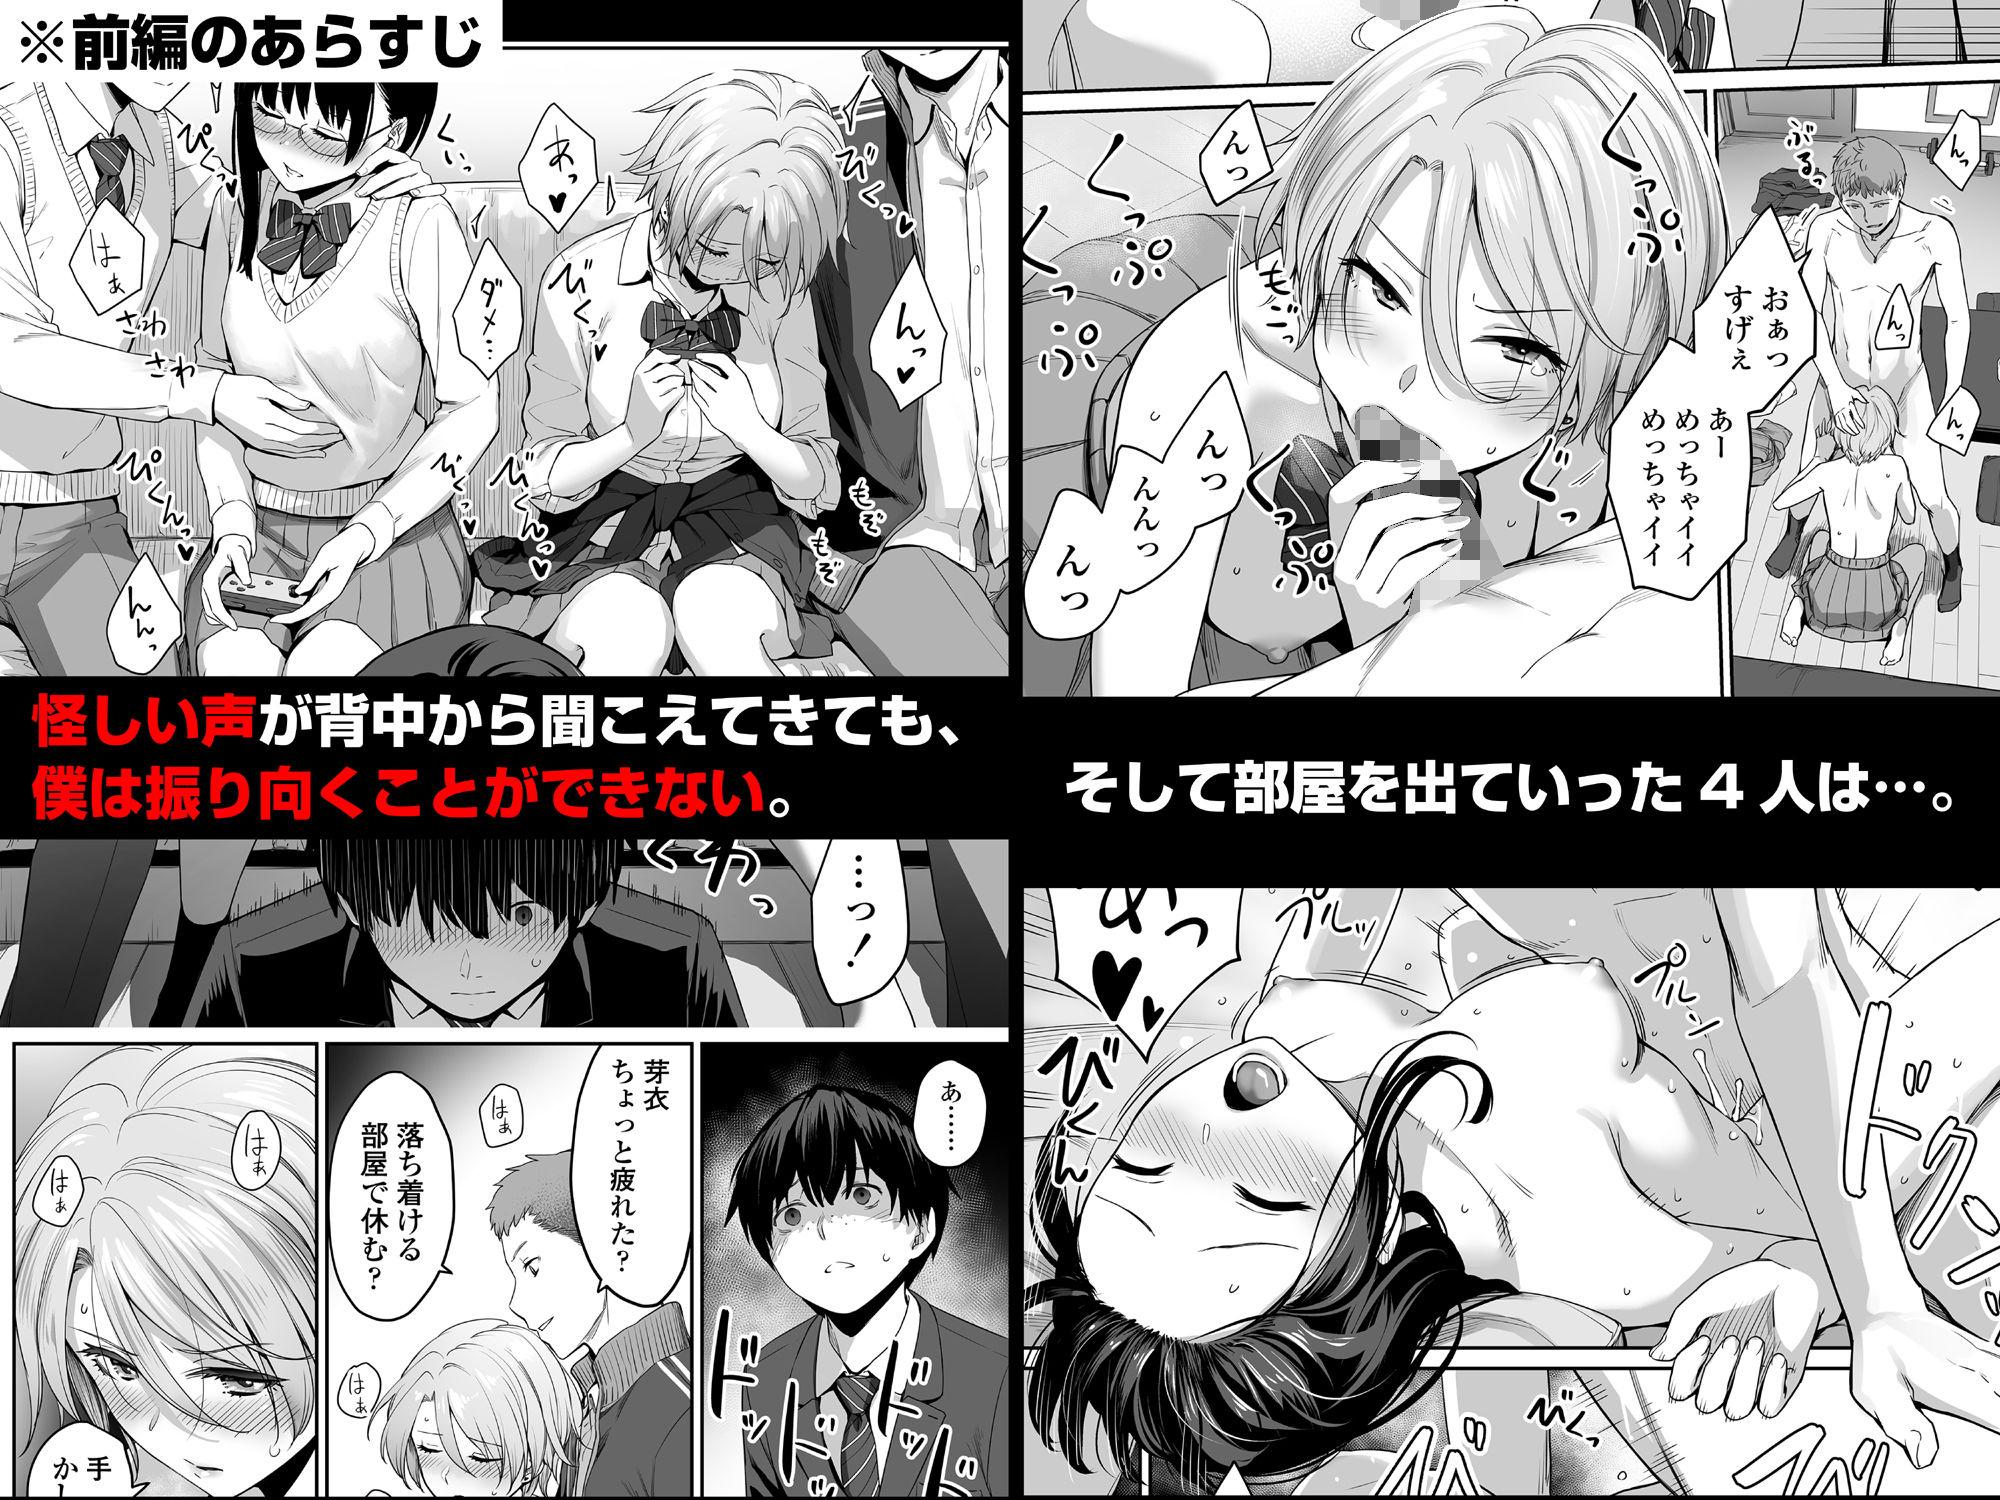 【エロ漫画】ぼくだけがセックスできない家 続編 著・紅村かる 【同人コミック】#4